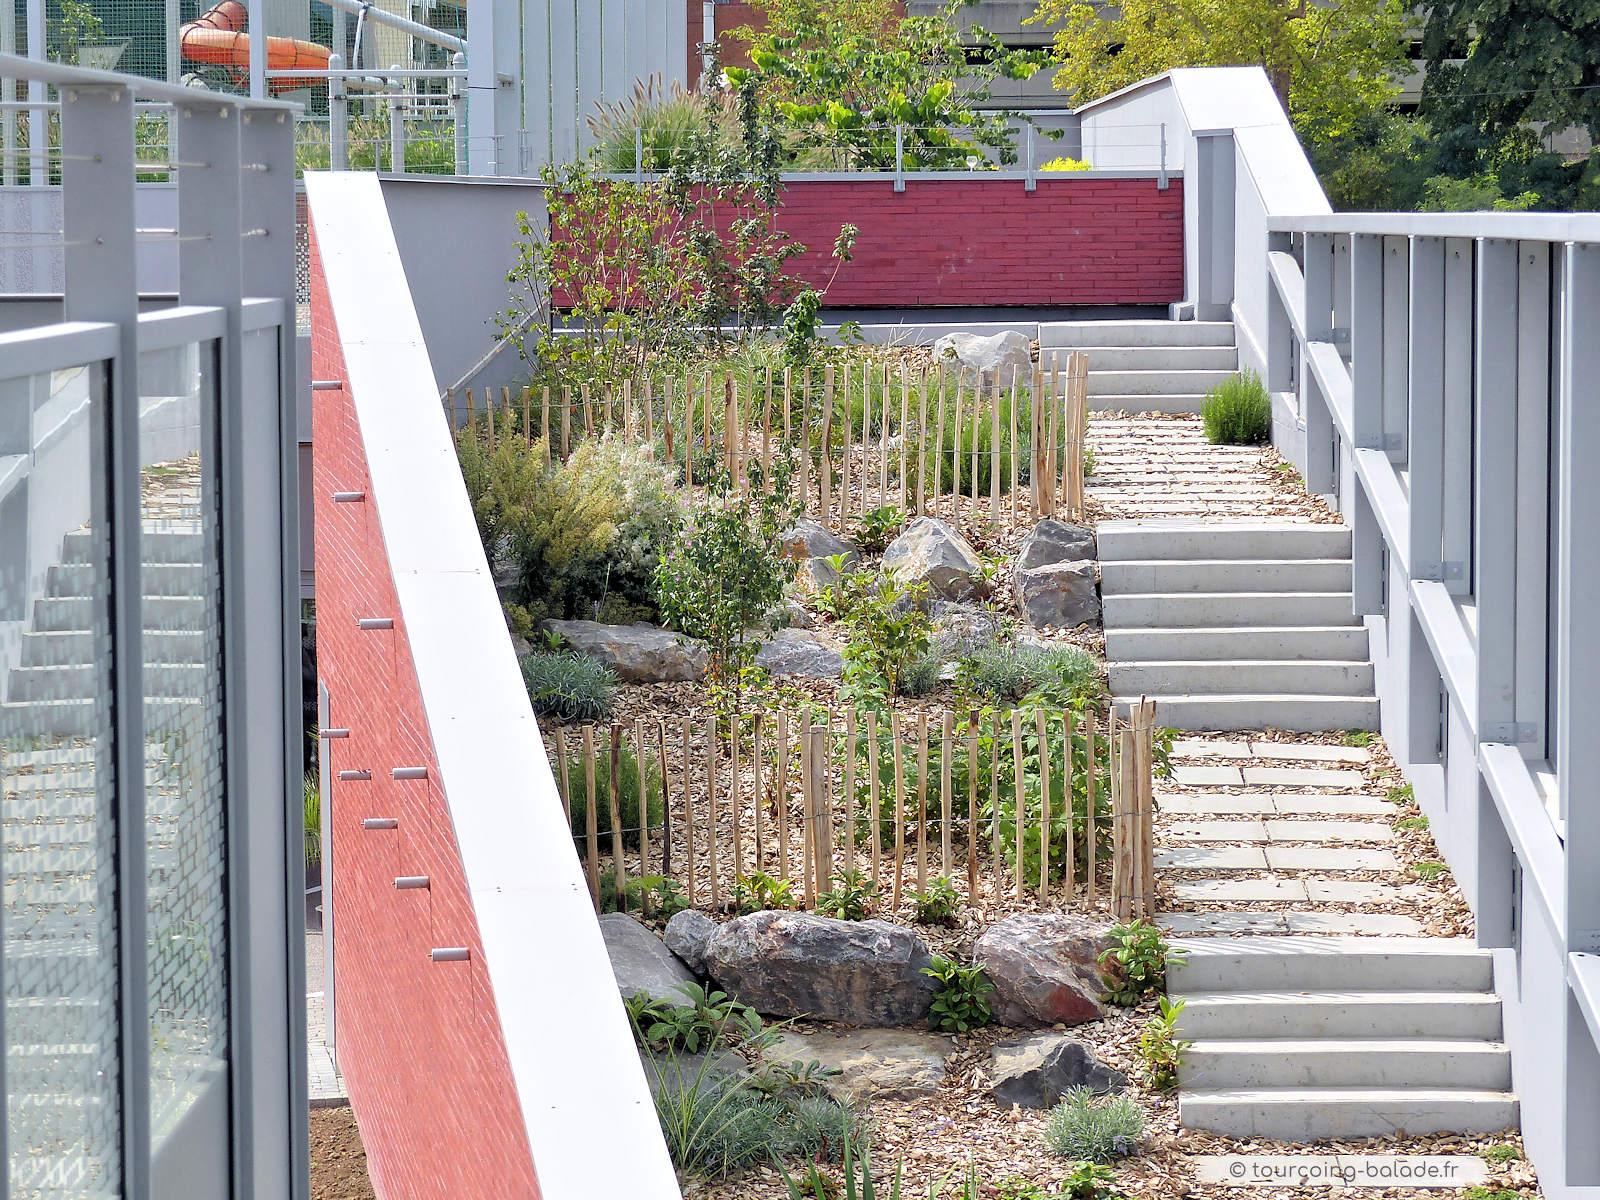 École Charles de Gaulle, Tourcoing - Escalier extérieur